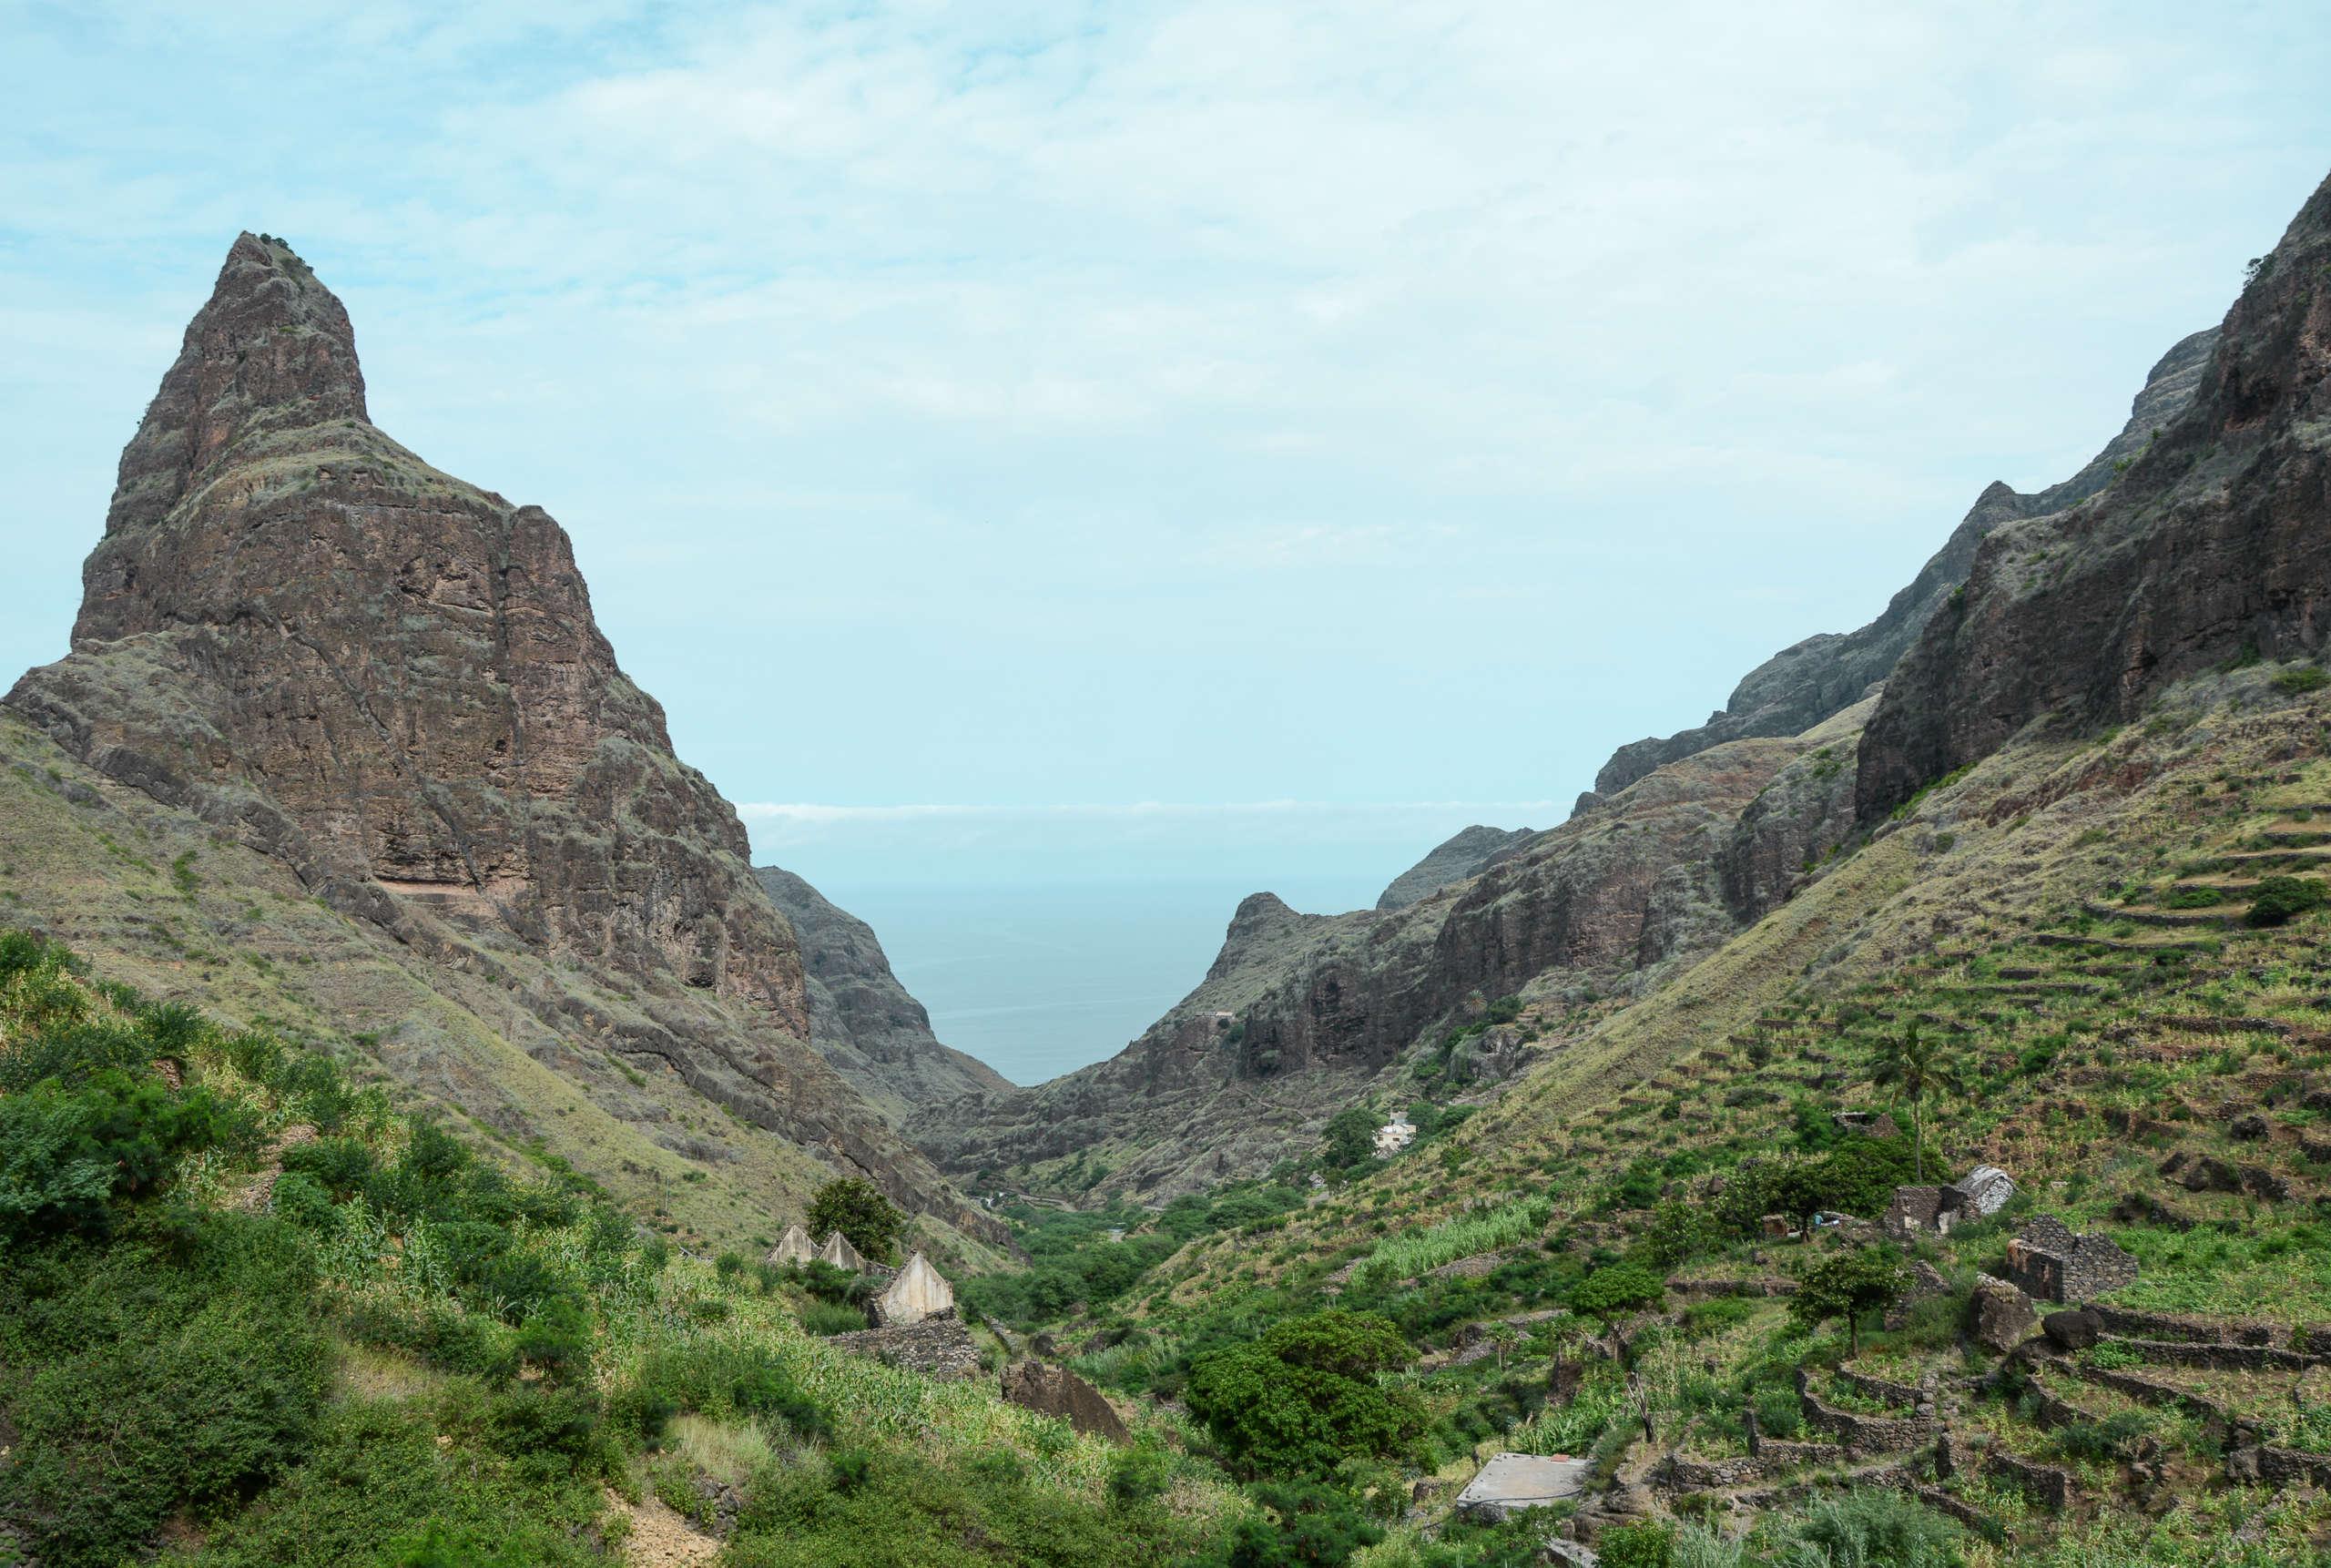 Bei einer Küstenwanderung auf Santo Antao auf den Kapverden kann man zwischen den Berggipfeln immer wieder das Meer sehen.